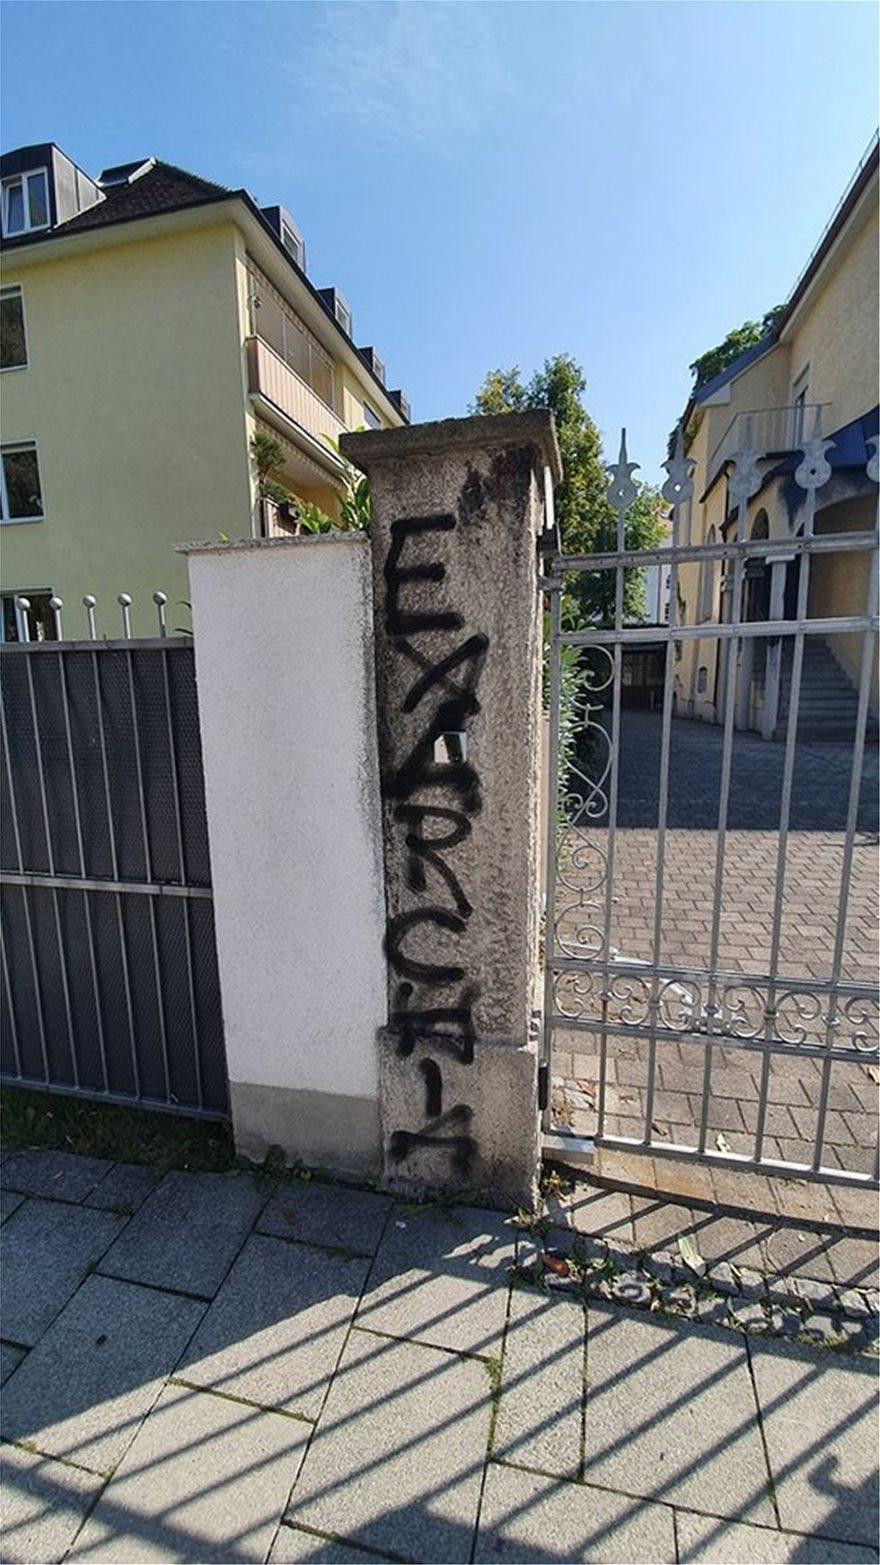 Επίθεση αντιεξουσιαστών στο ελληνικό προξενείο στο Μόναχο - Φωτογραφία 2